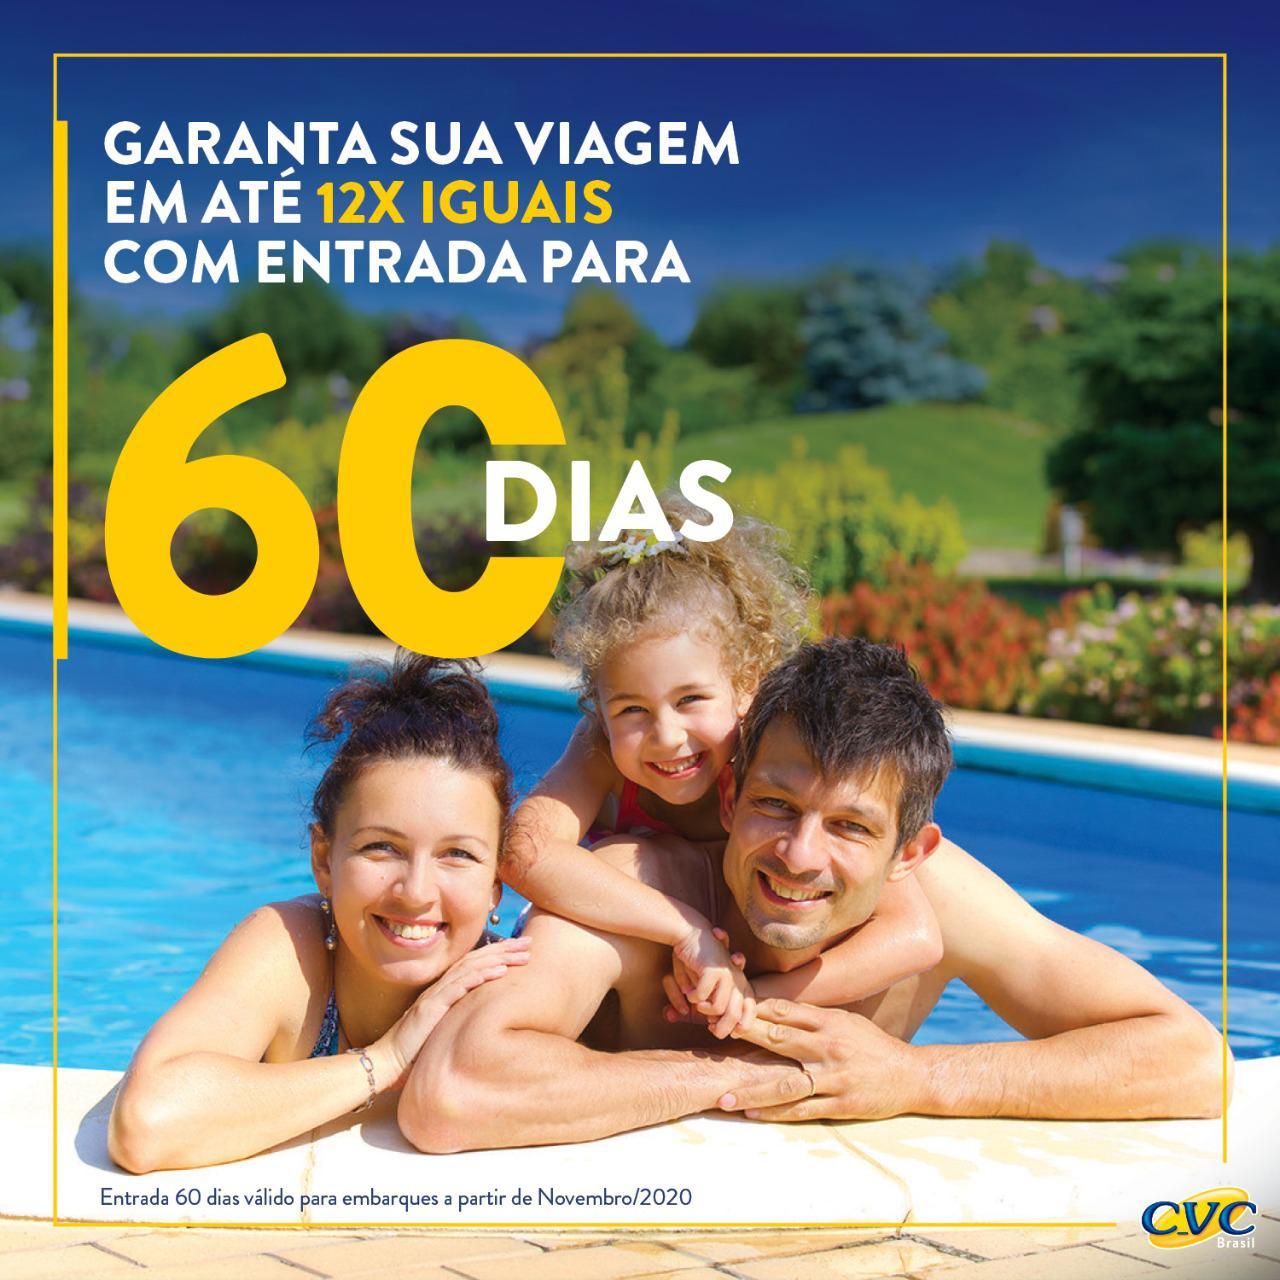 Programe sua viagem com a CVC: Pacotes de Palmas para as mais belas praias do Nordeste com parcelas a partir de 74 reais